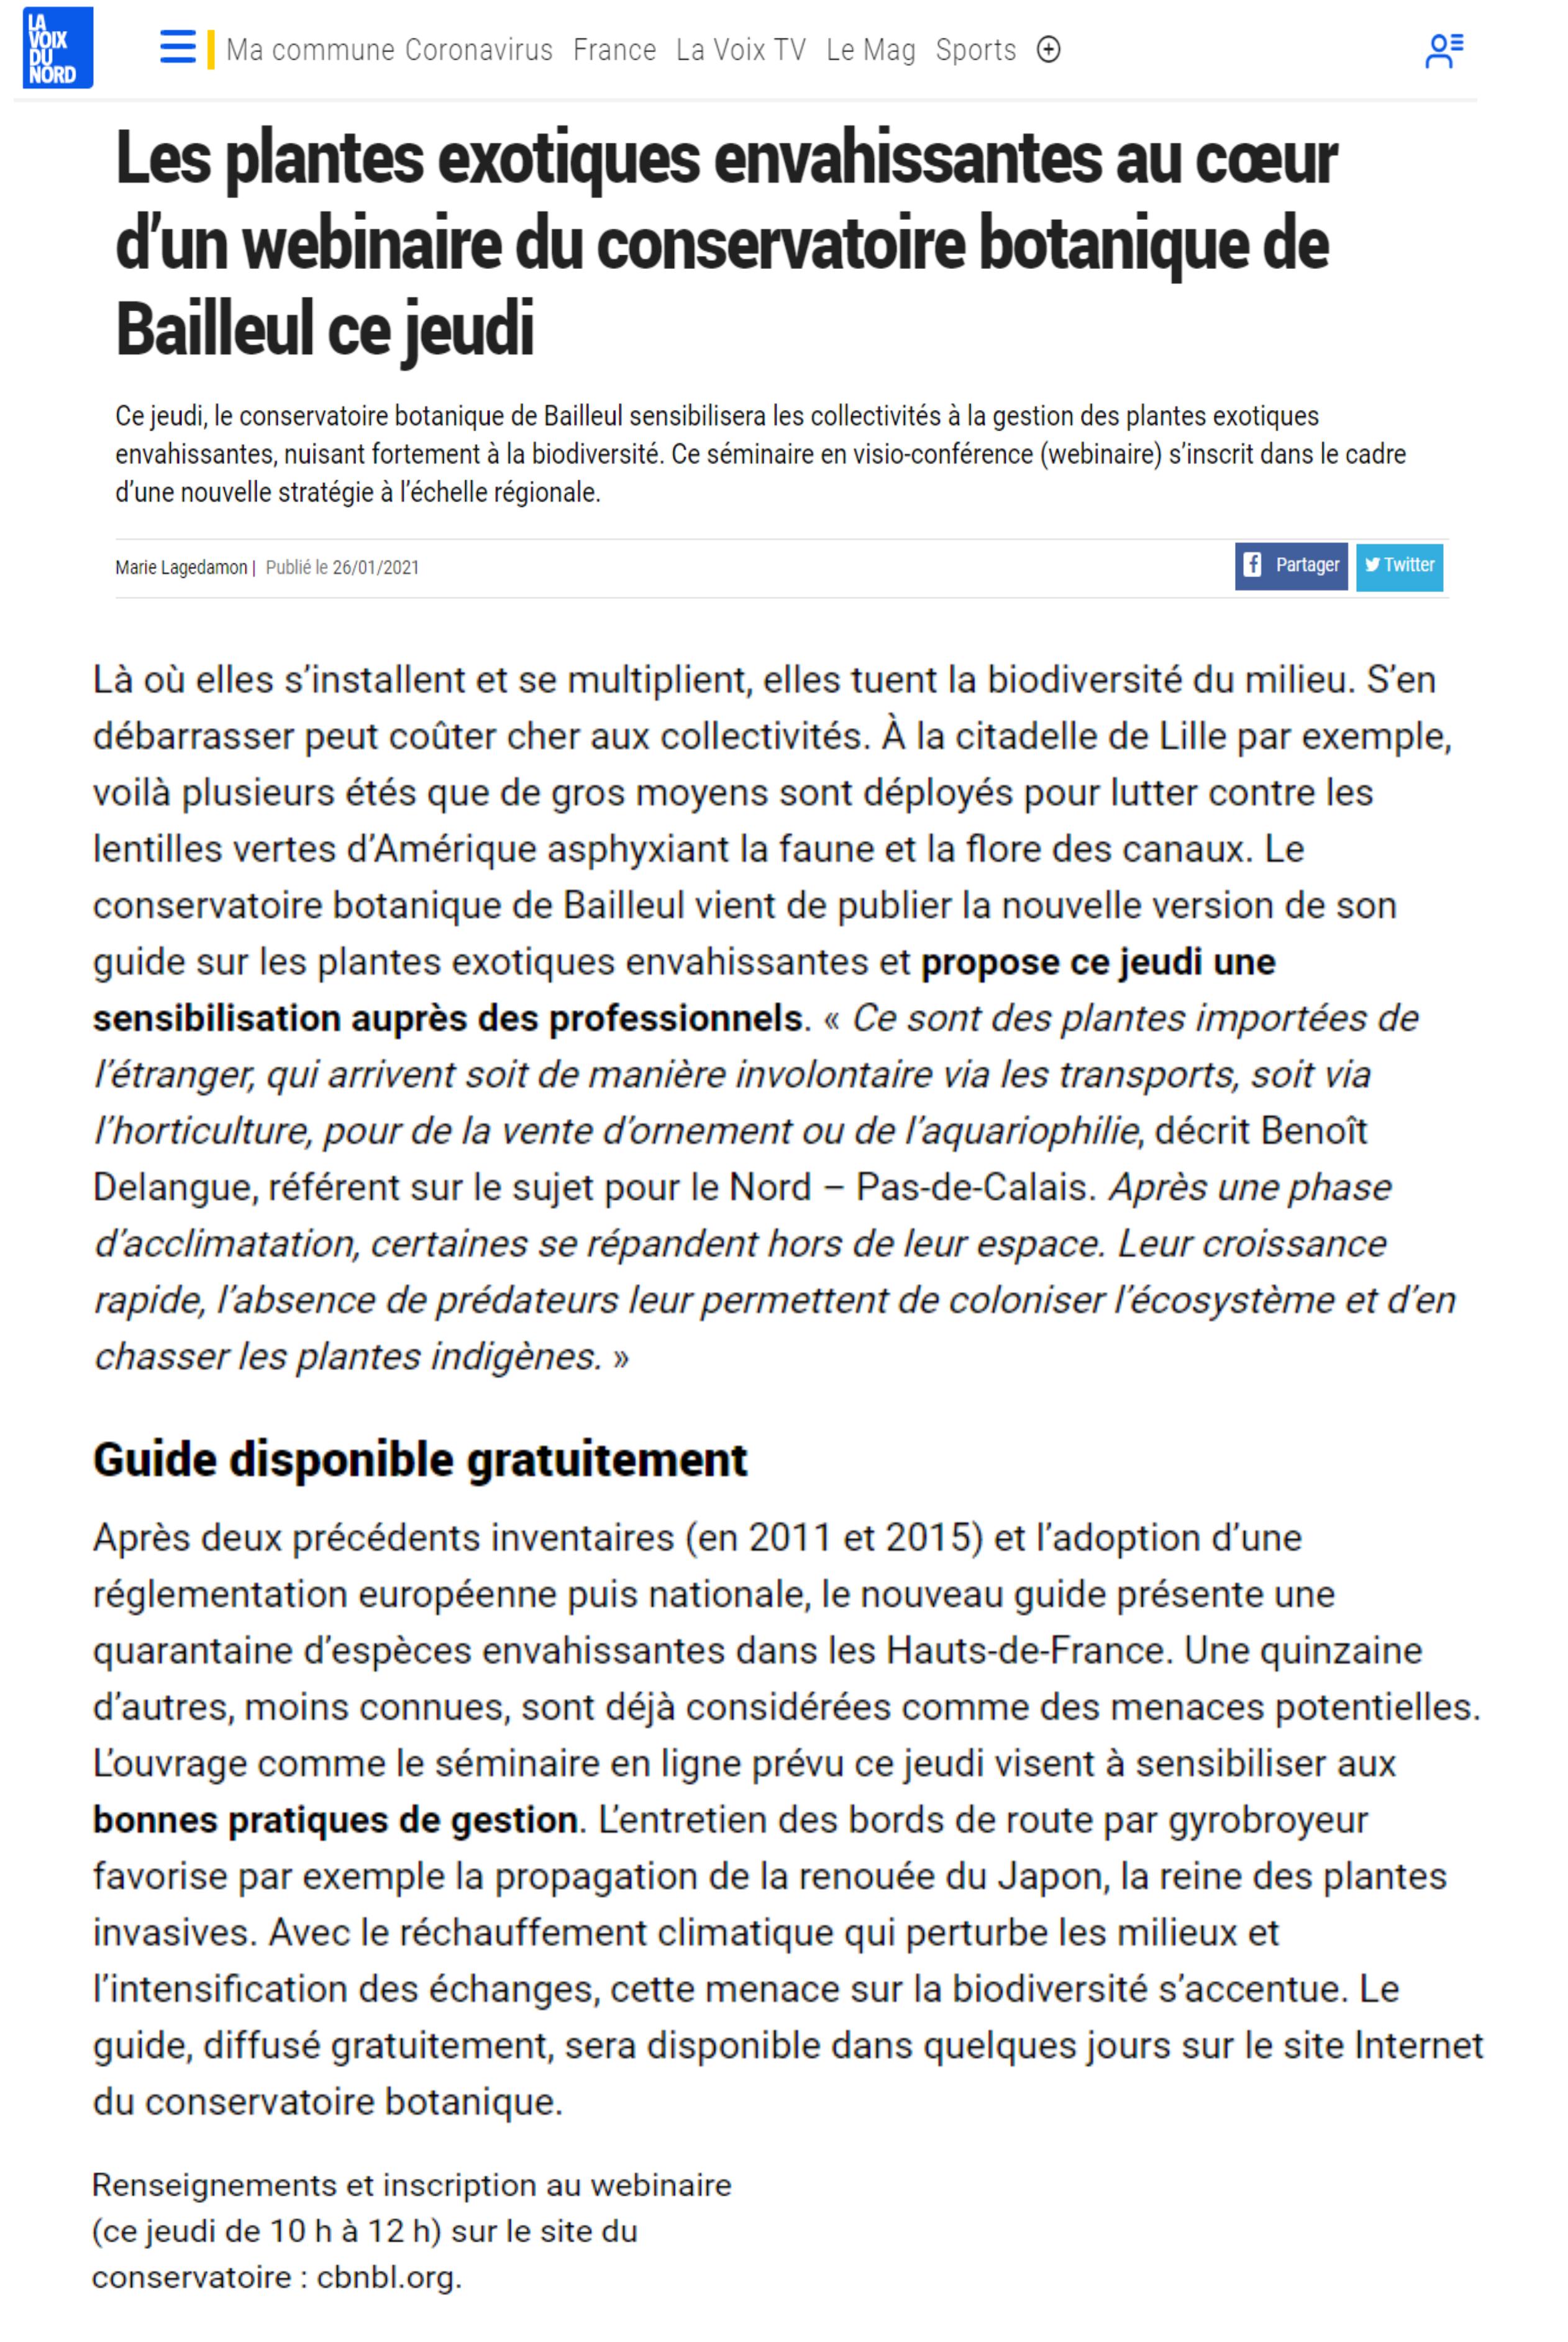 Article de La Voix du Nord - Webinaire CBNBl